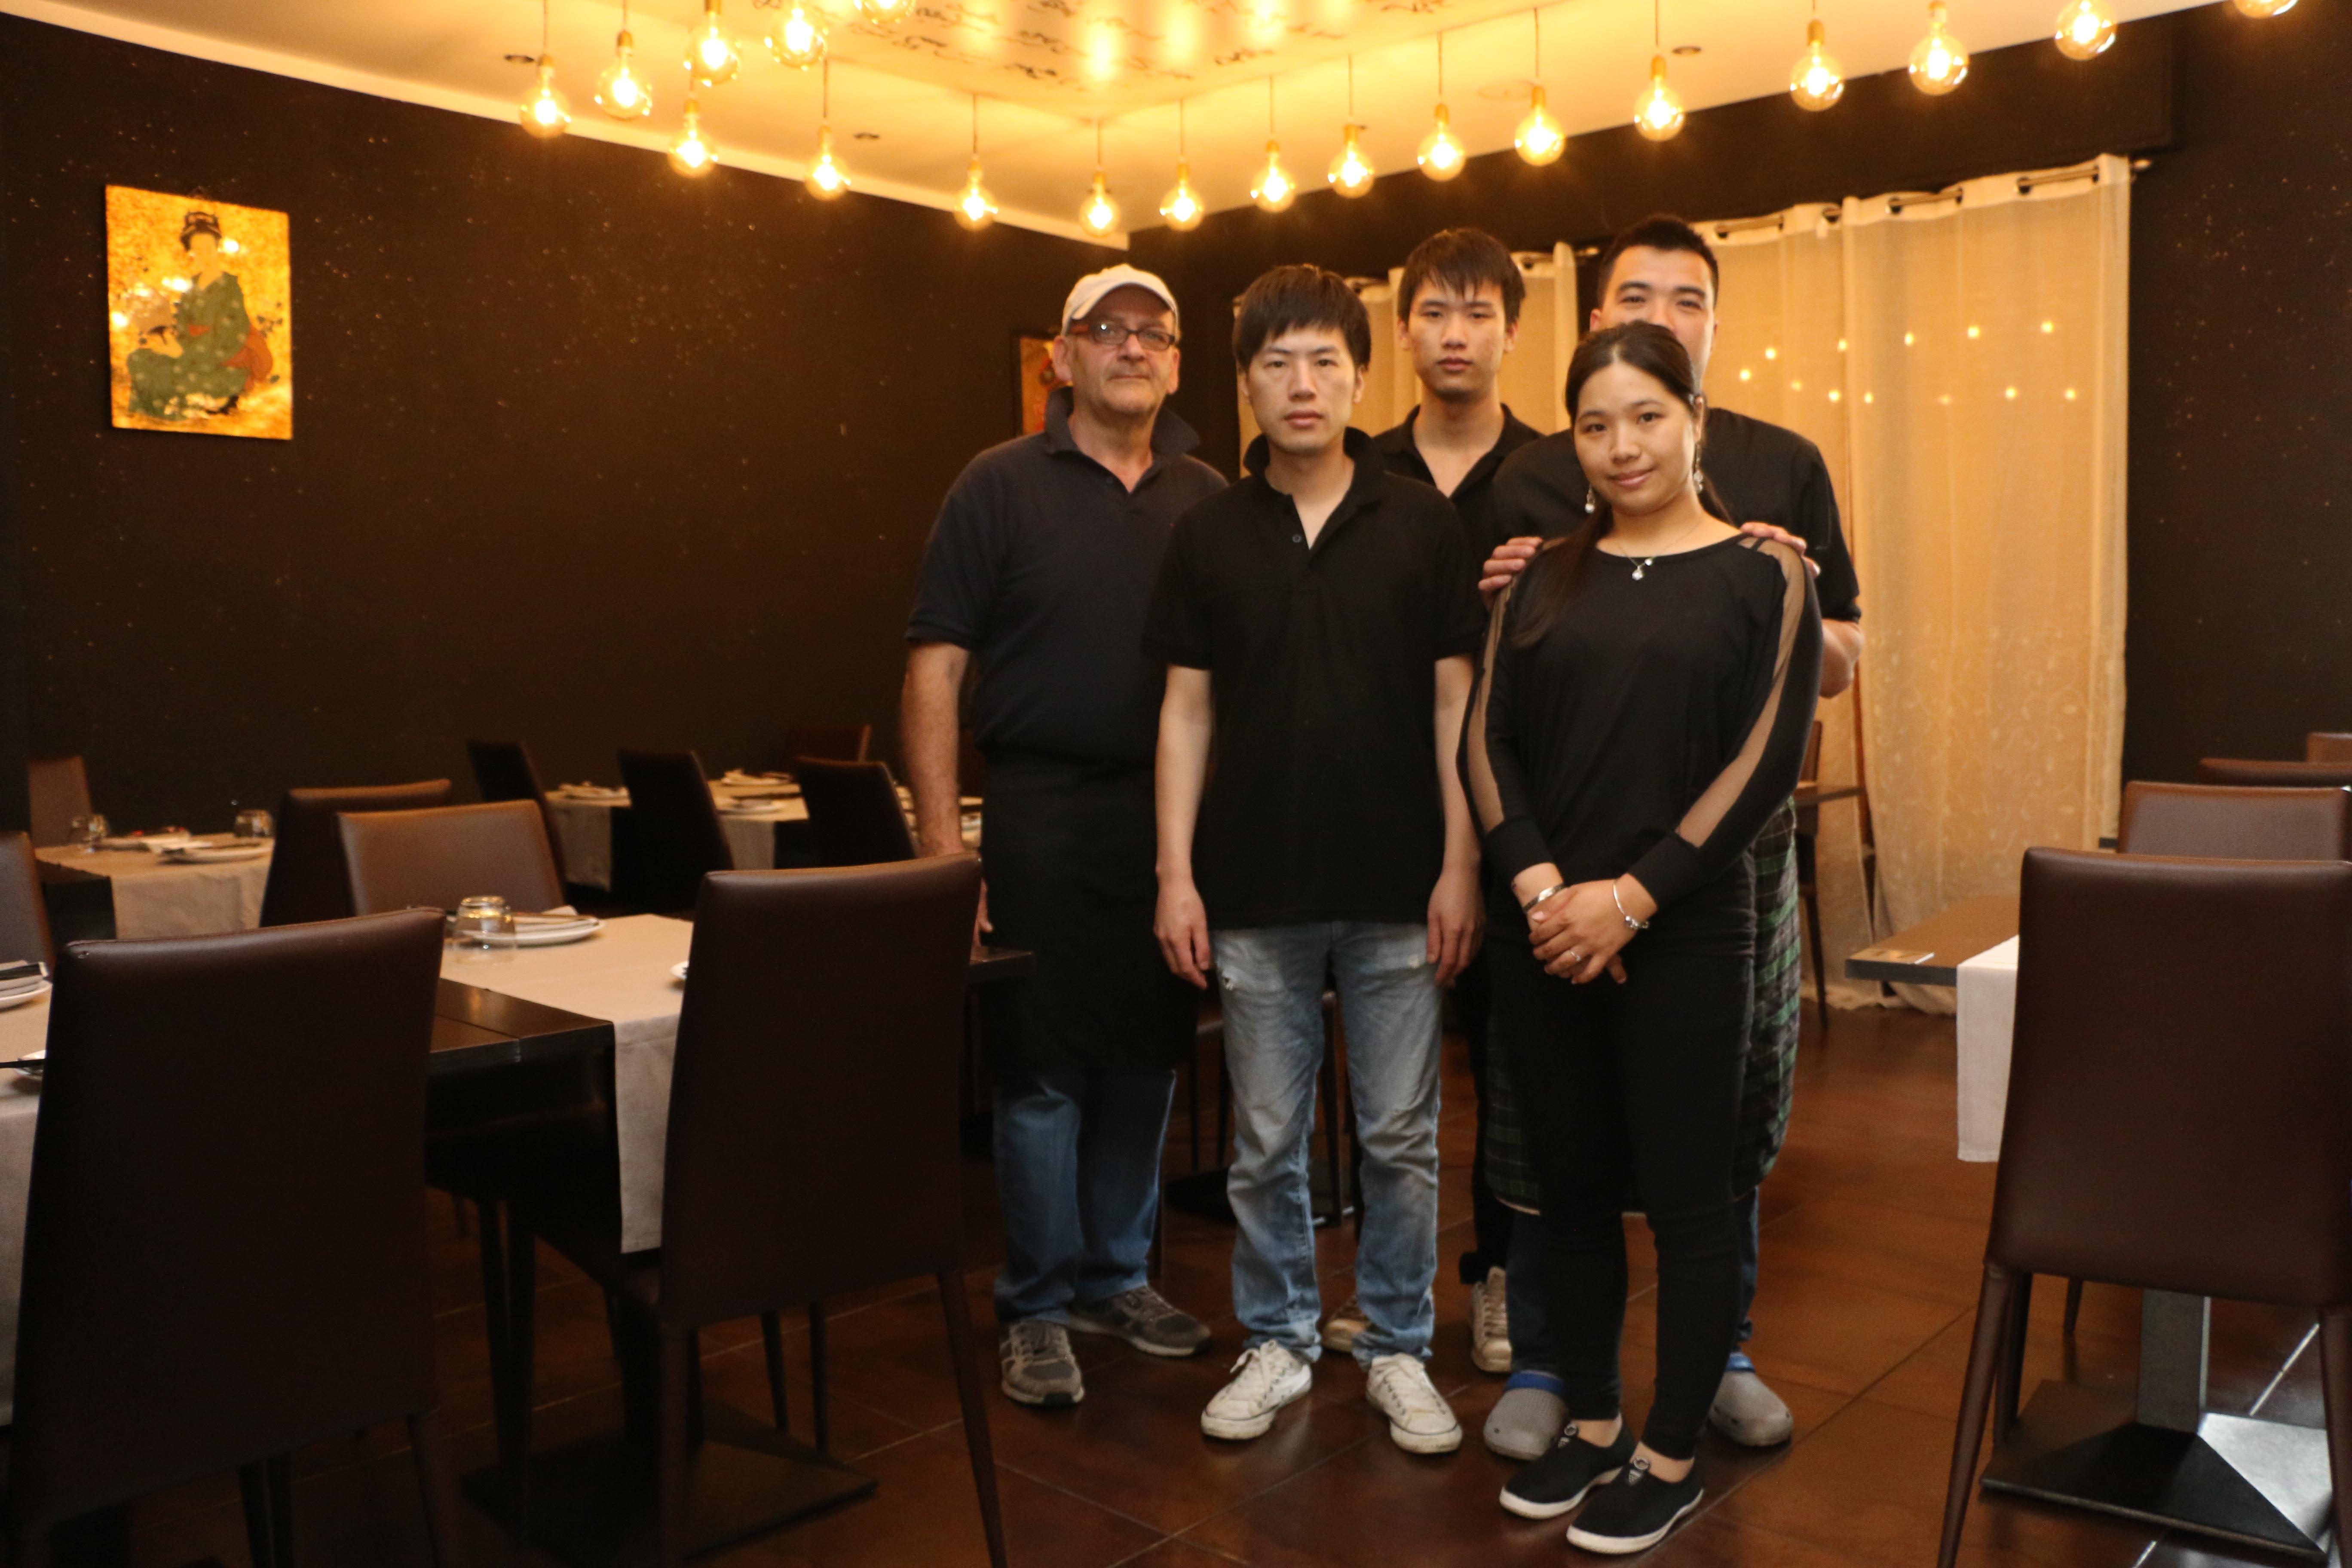 Meet sushi in via roma 132 a magenta cucina etnica cinese di primordine la video presentazione - Cucina etnica roma ...